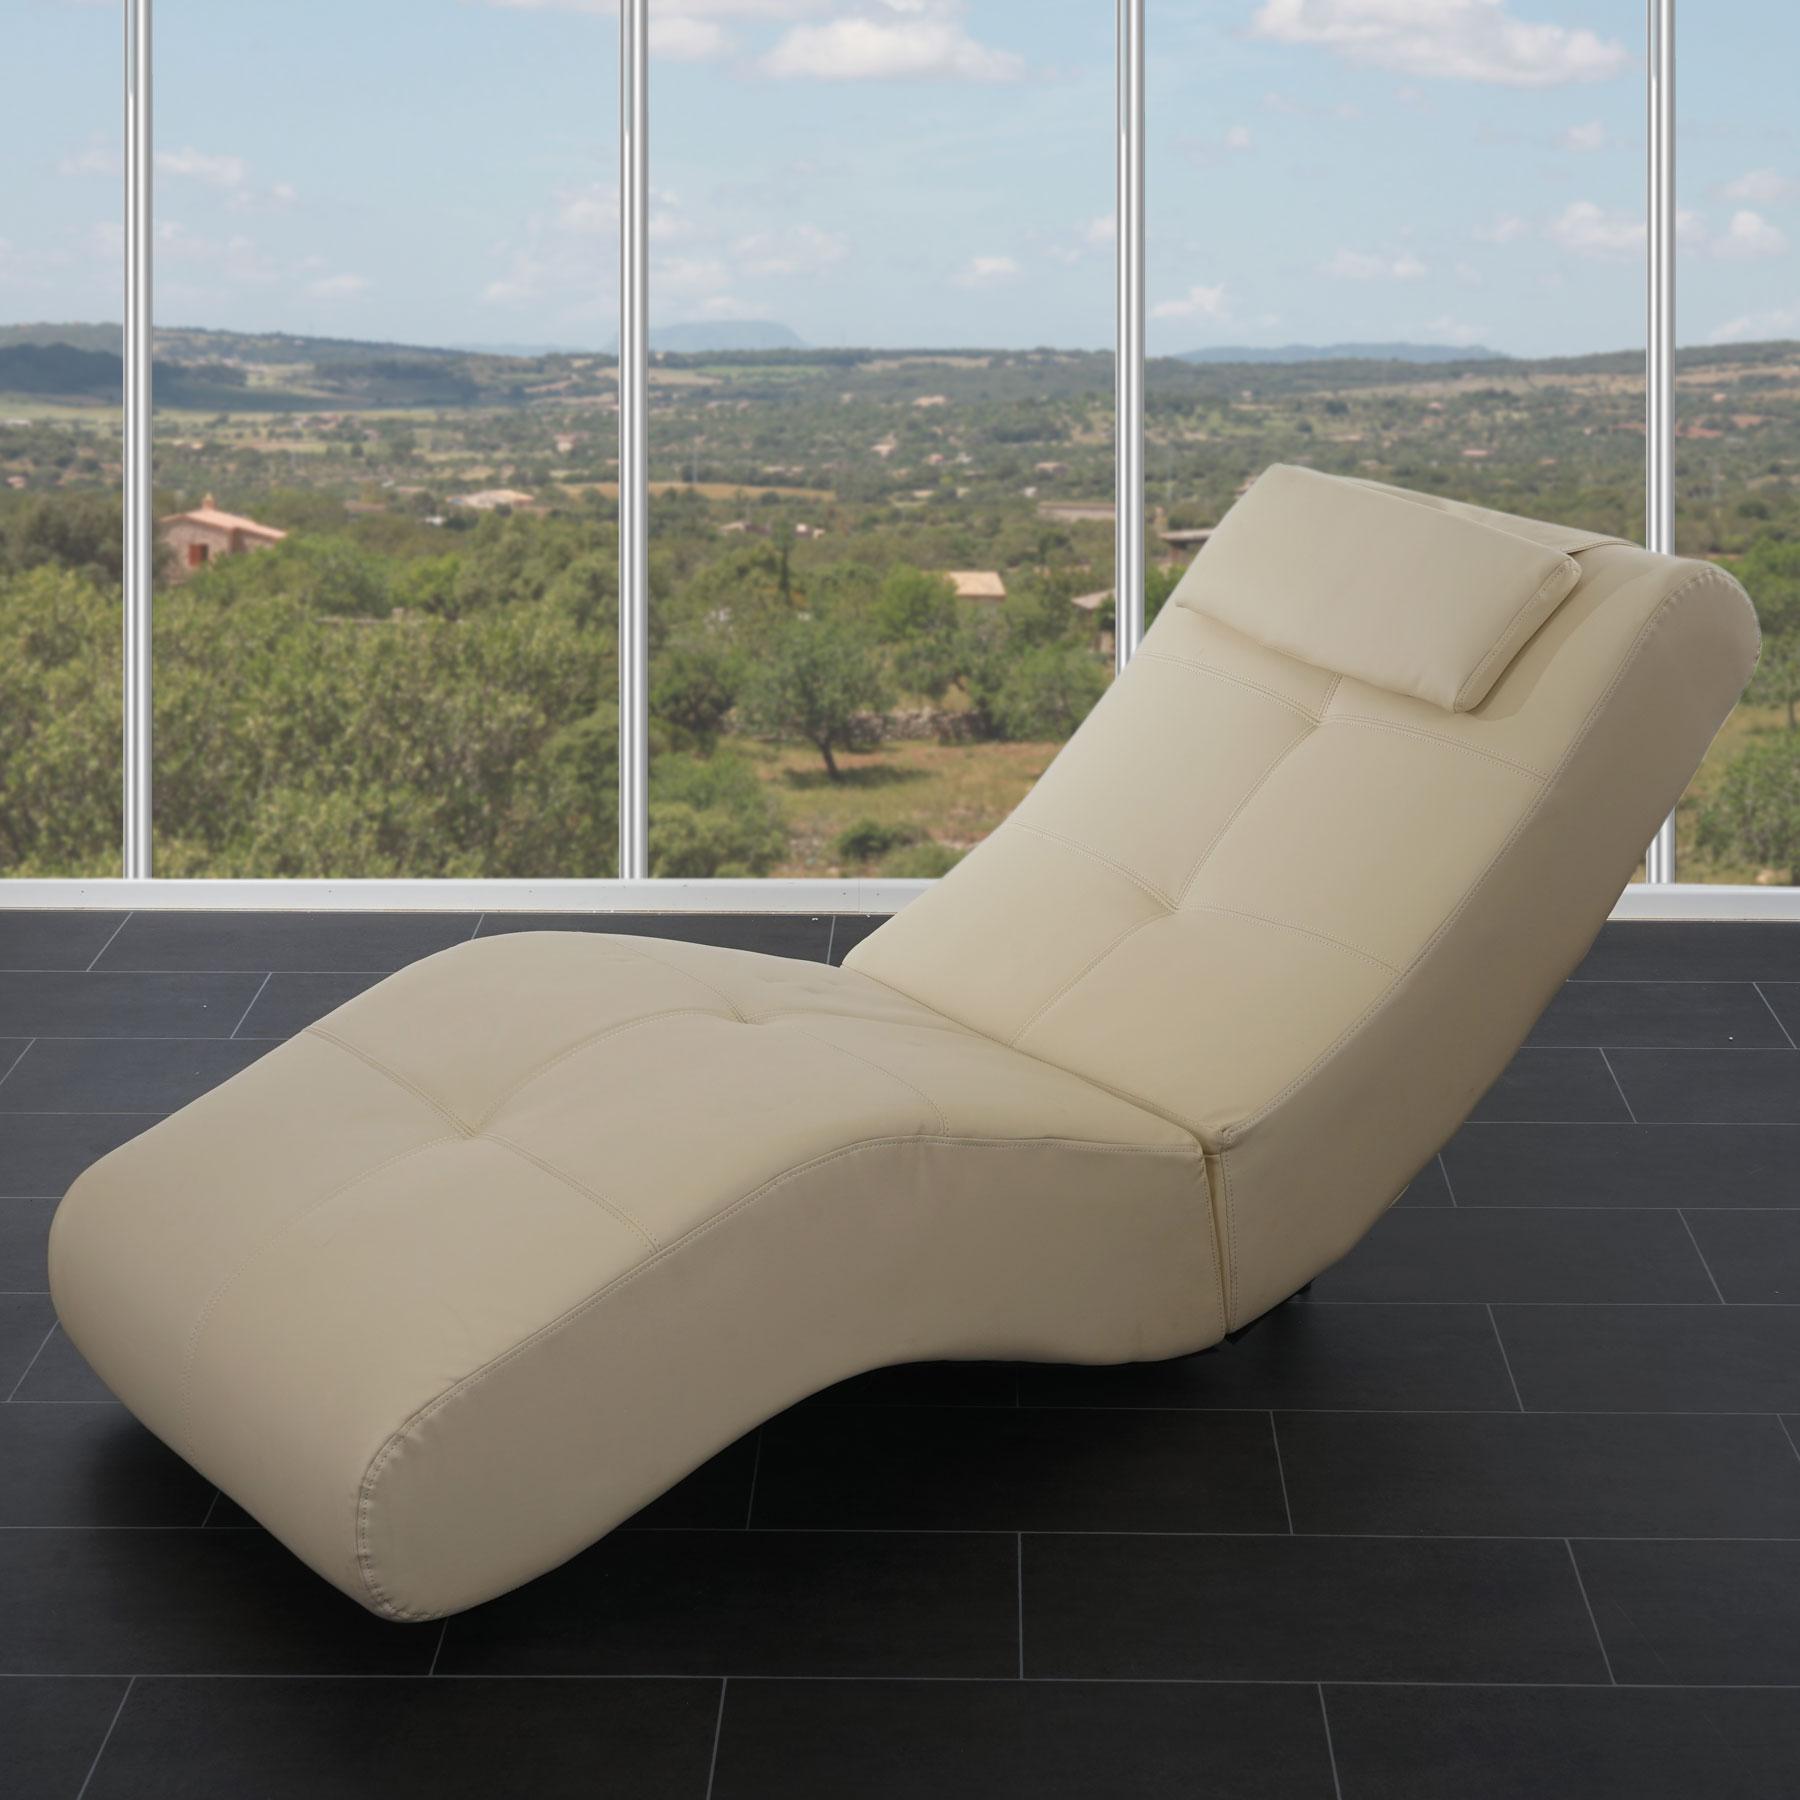 Design chaiselounge poltrona relax livorno ii ecopelle - Poltrona relax design ...